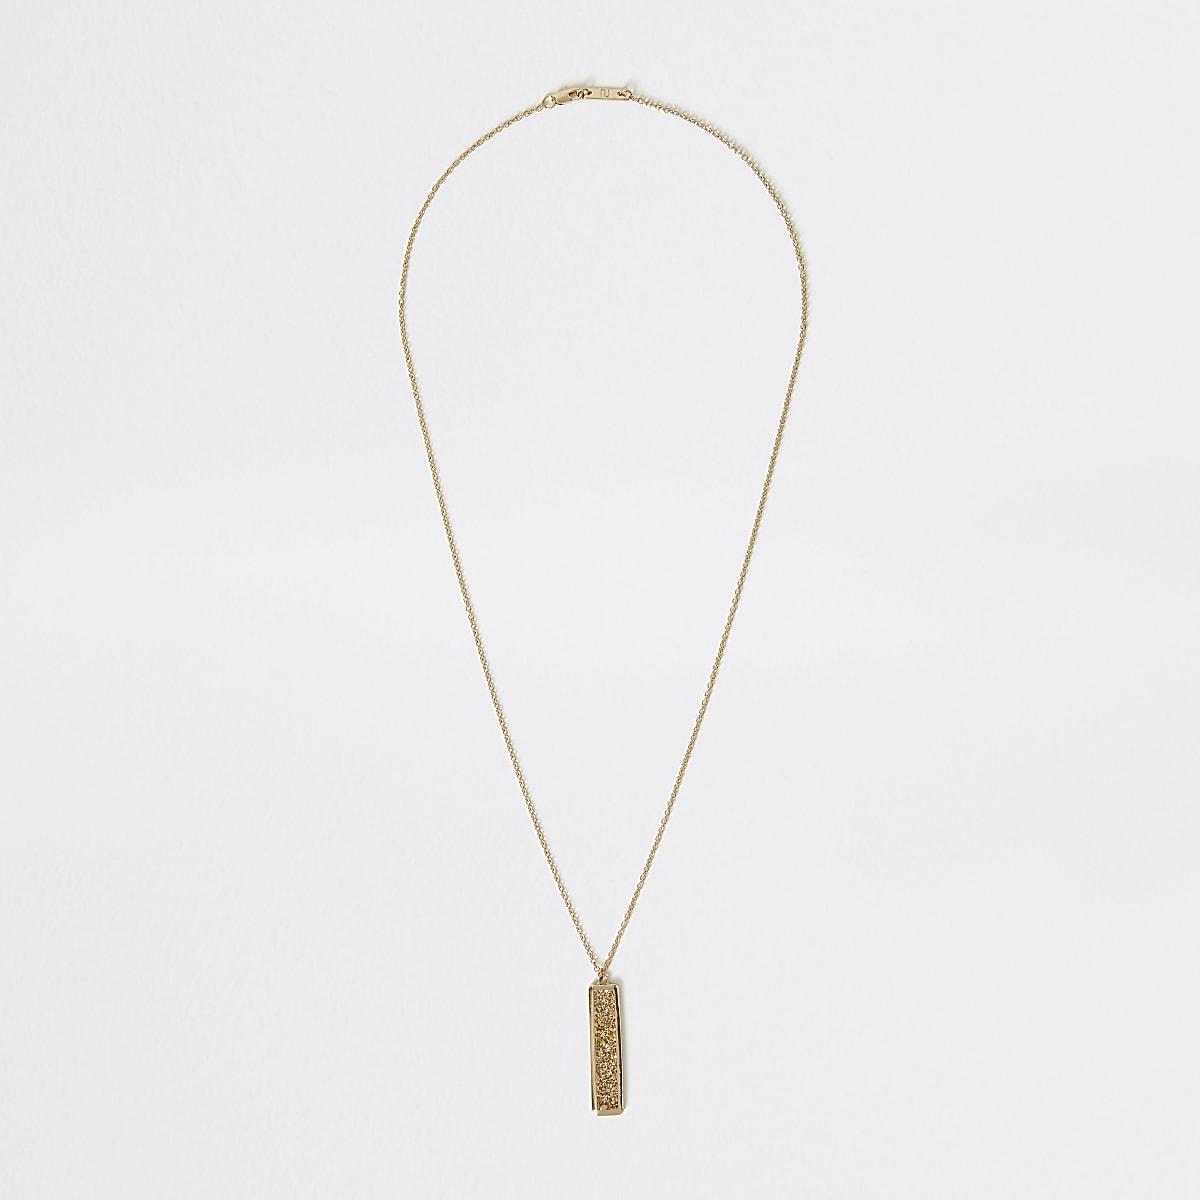 Gold colour textured stick pendant necklace